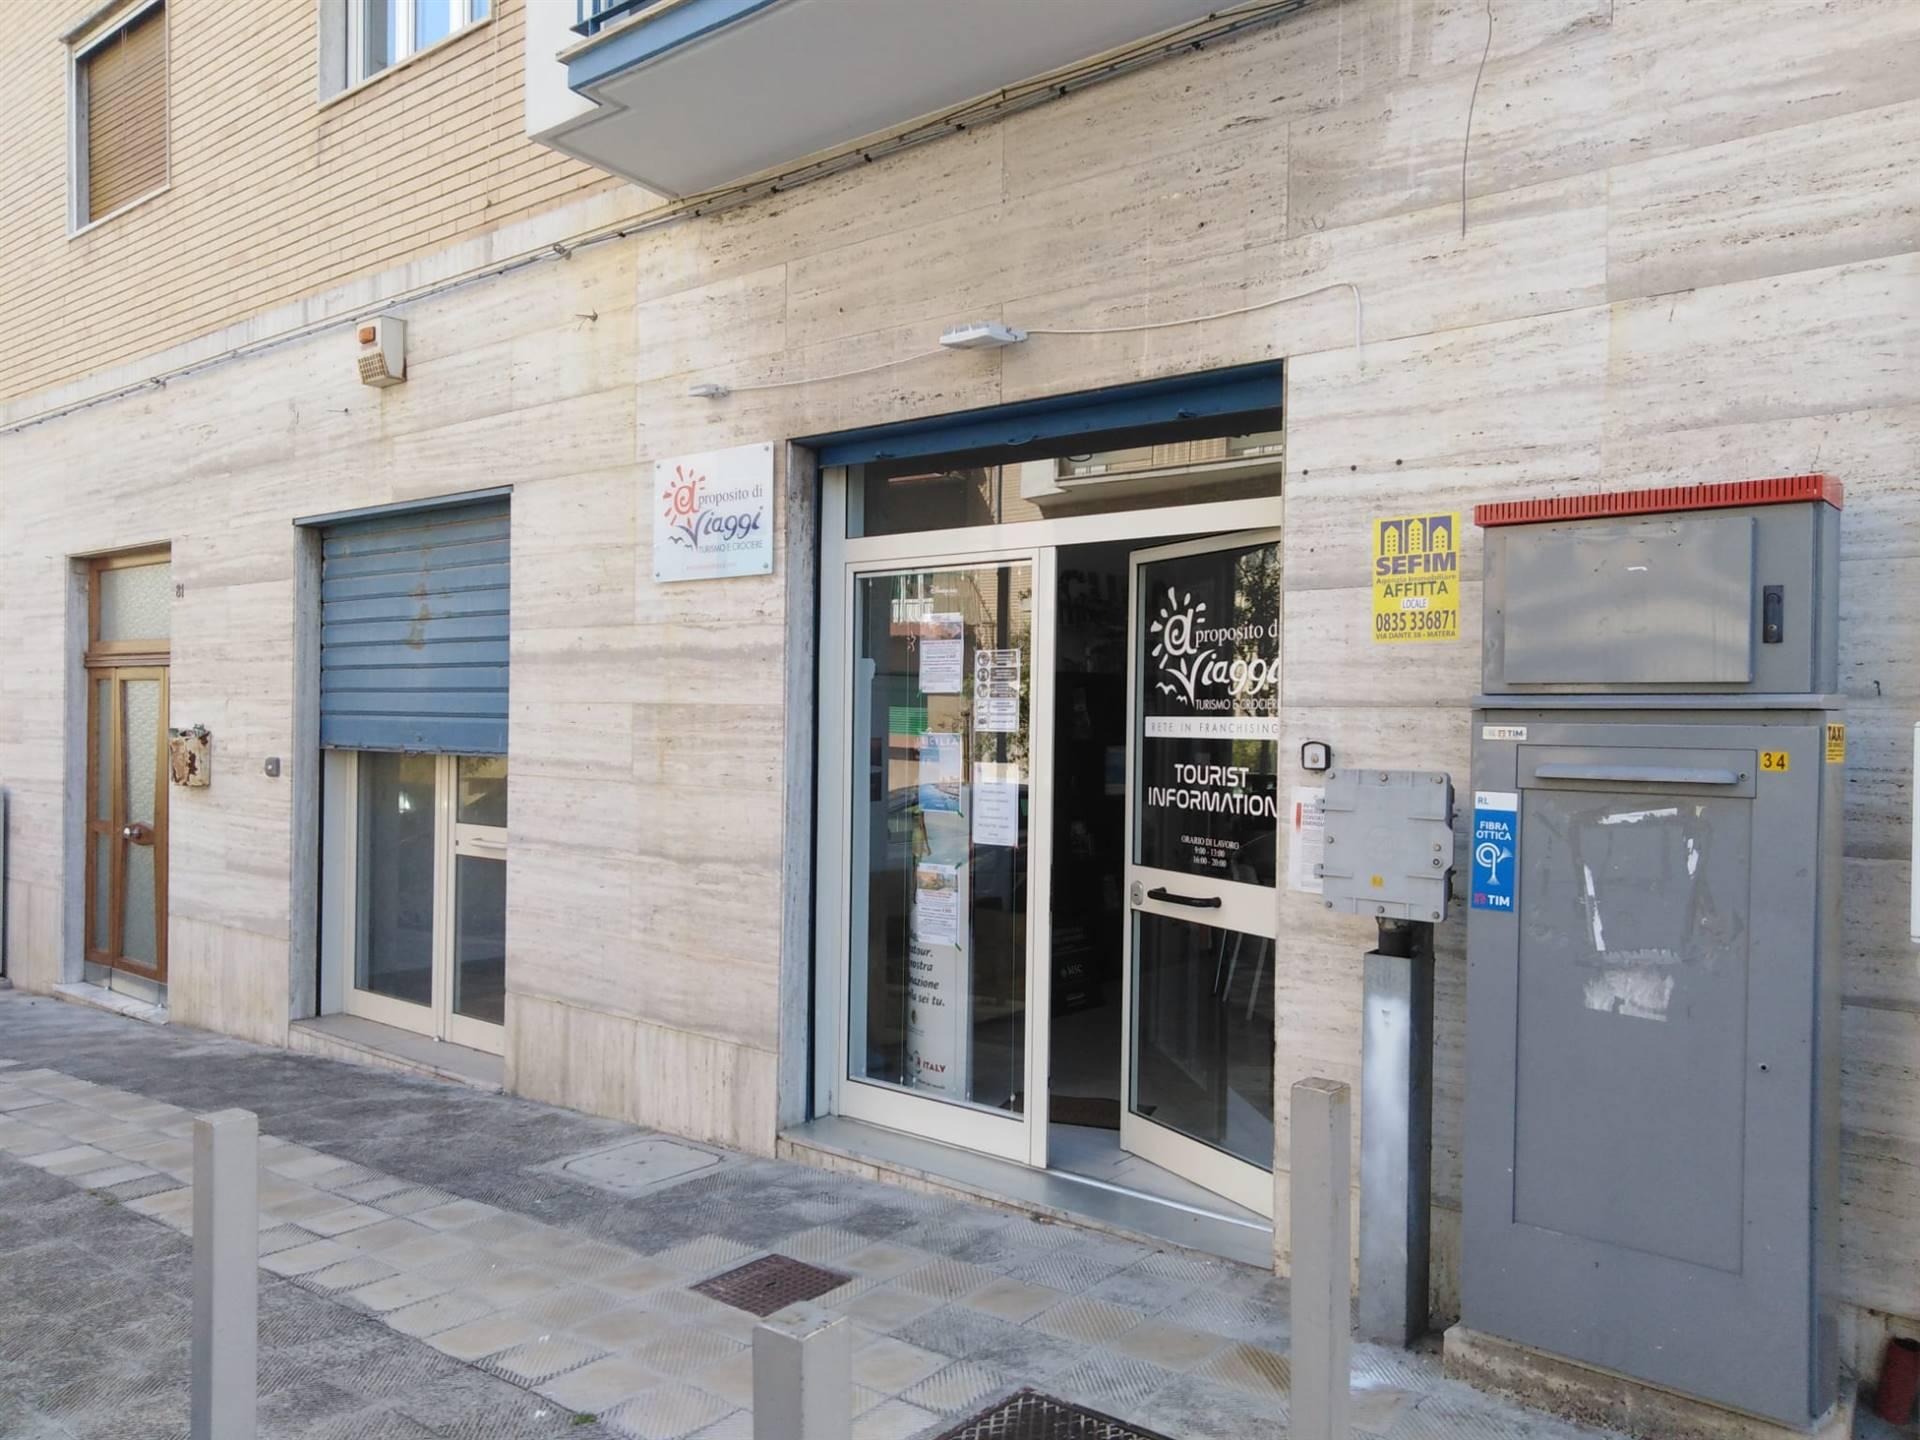 Negozio / Locale in affitto a Matera, 2 locali, zona Zona: Semicentro Sud, prezzo € 400 | CambioCasa.it